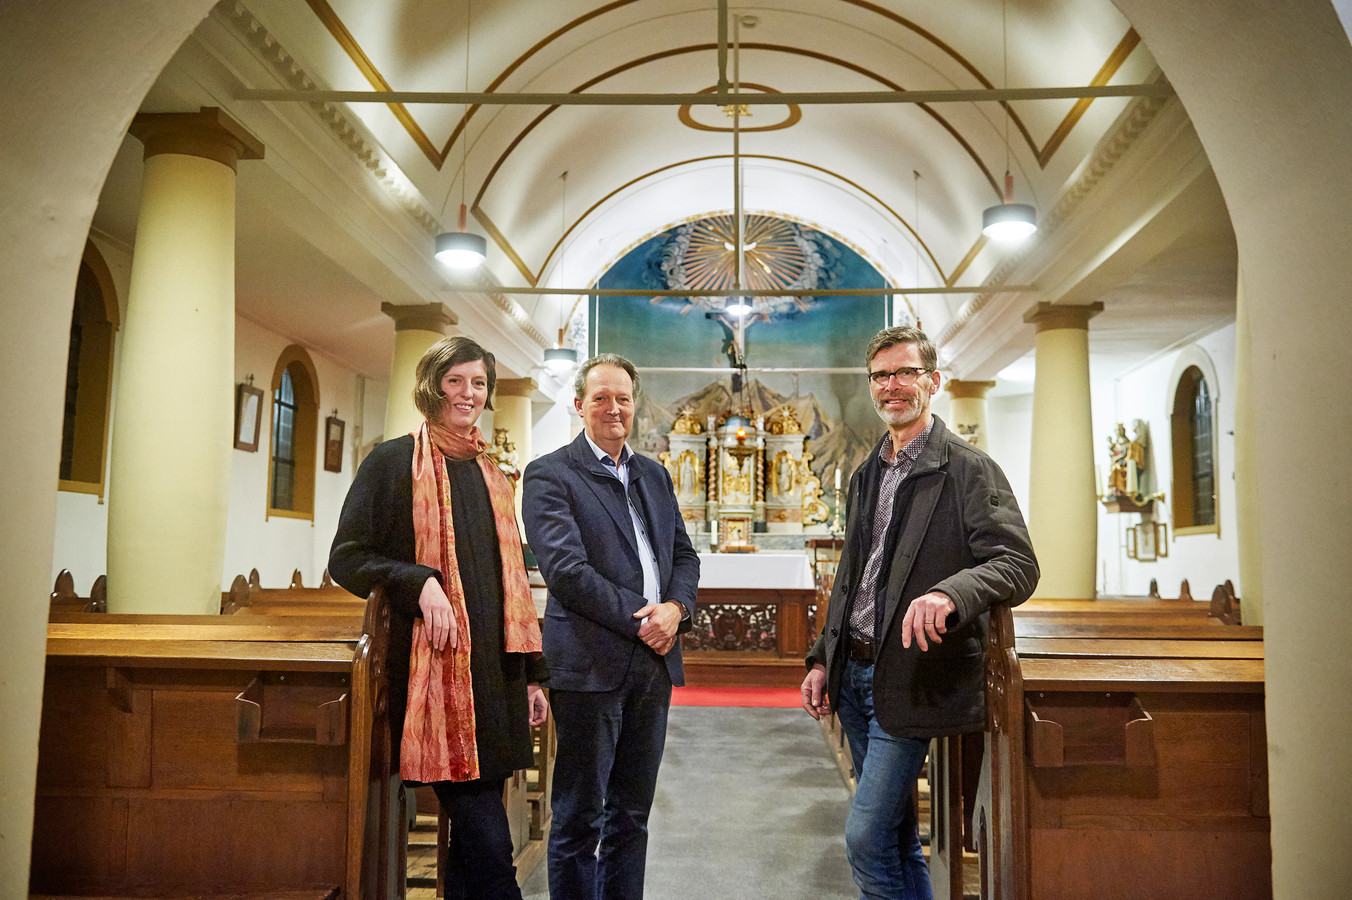 Drie bestuursleden van de nieuwe stichting tot behoude van de Annakapel te Koolwijk. vlnr. Marloes van de Hei, Paul Castenmiller en Frans Boeijen.